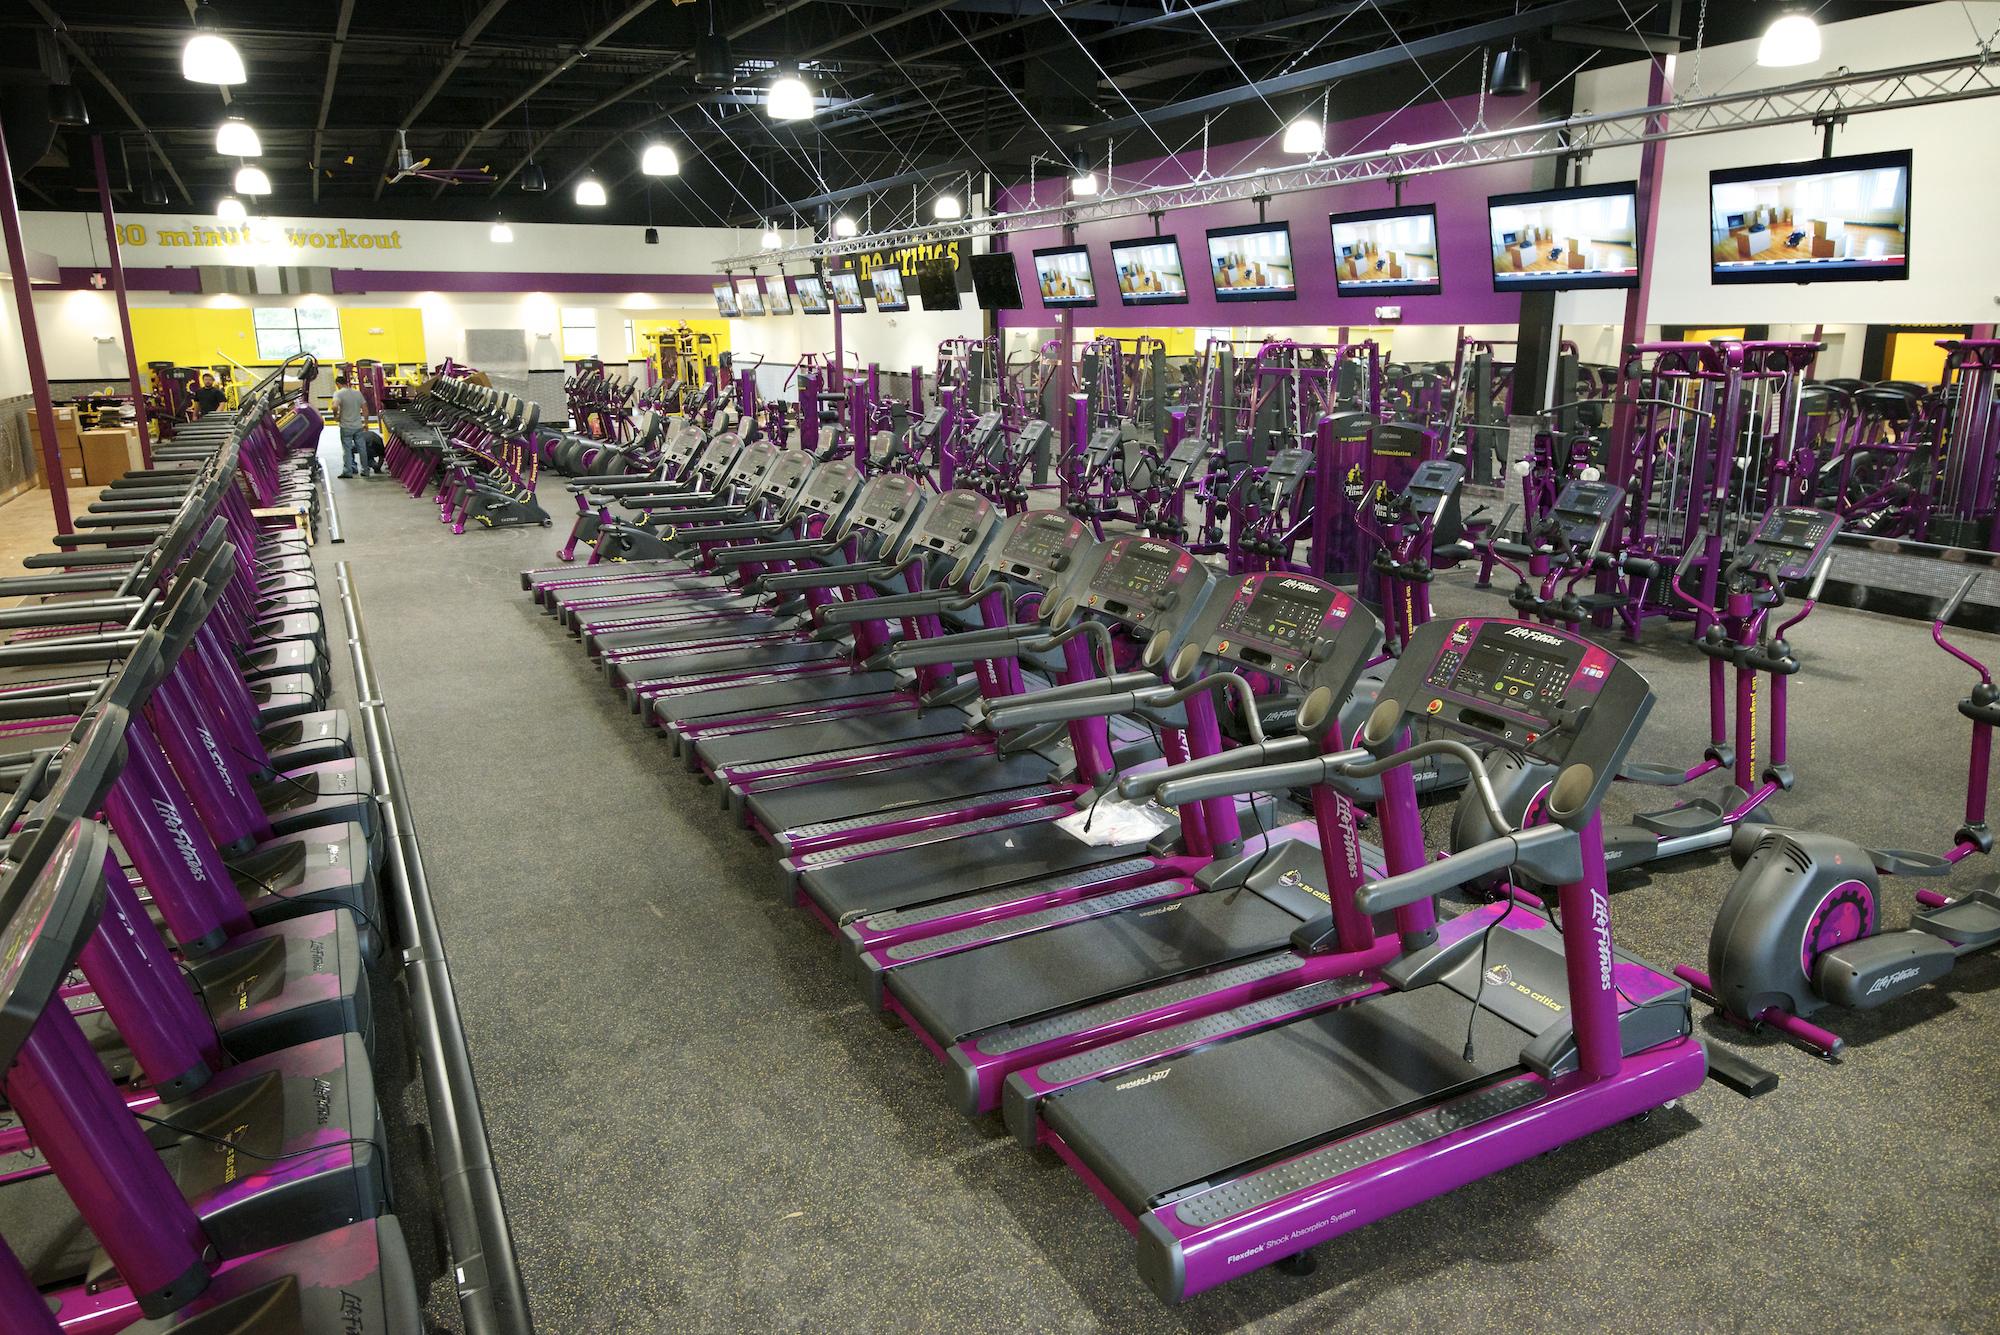 每月会费仅10美元:经济型健身房 Planet Fitness 申请 IPO